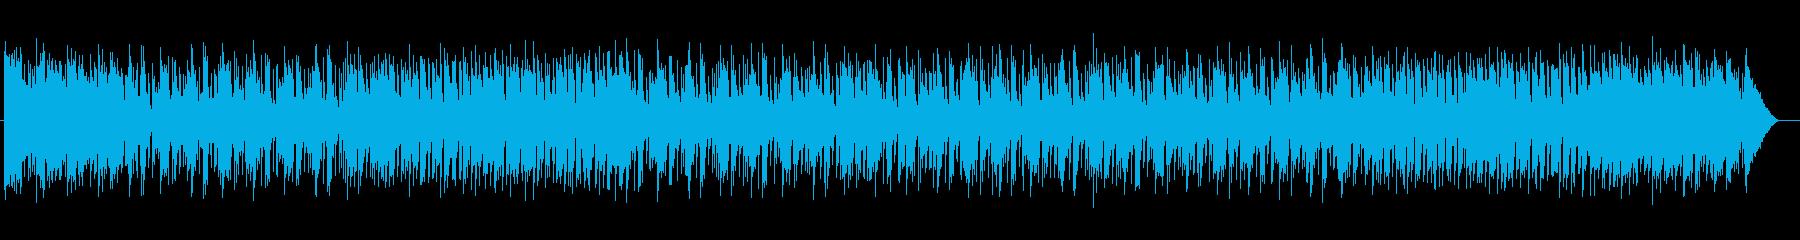 爽やかでクリスマス感の鈴シンセサウンドの再生済みの波形